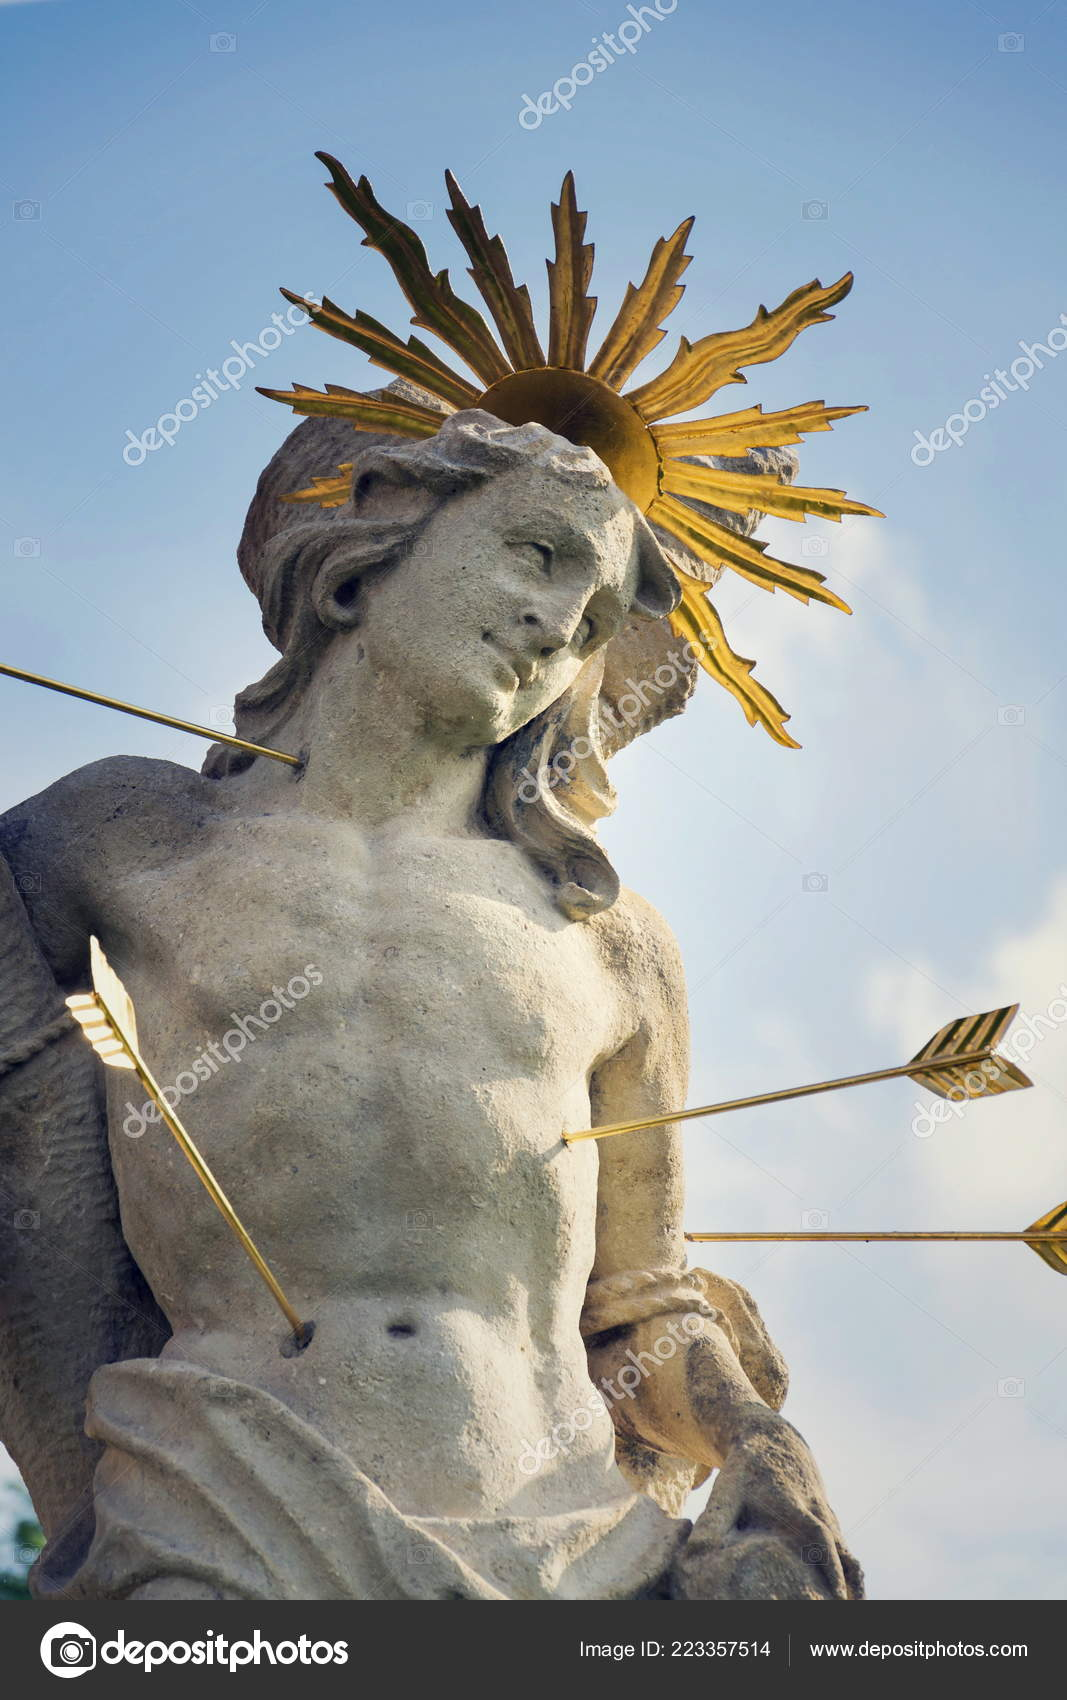 Sao Sebastiao Tiro Com Setas Martir Estatua Coluna Marian Praga